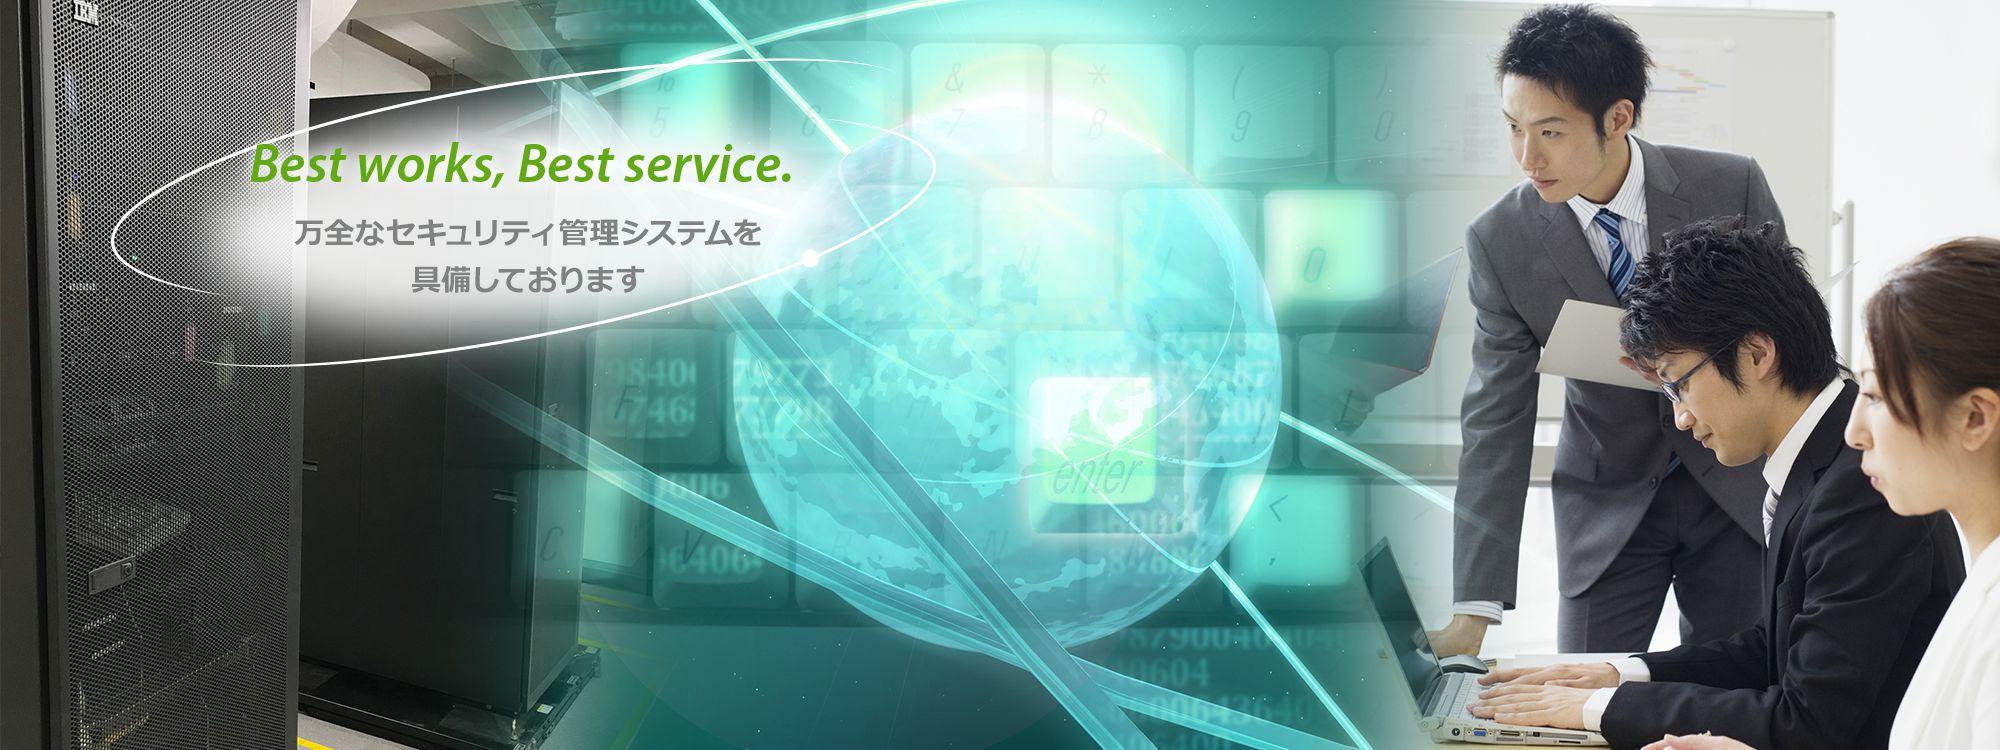 万全なセキュリティ管理システムを具備しております